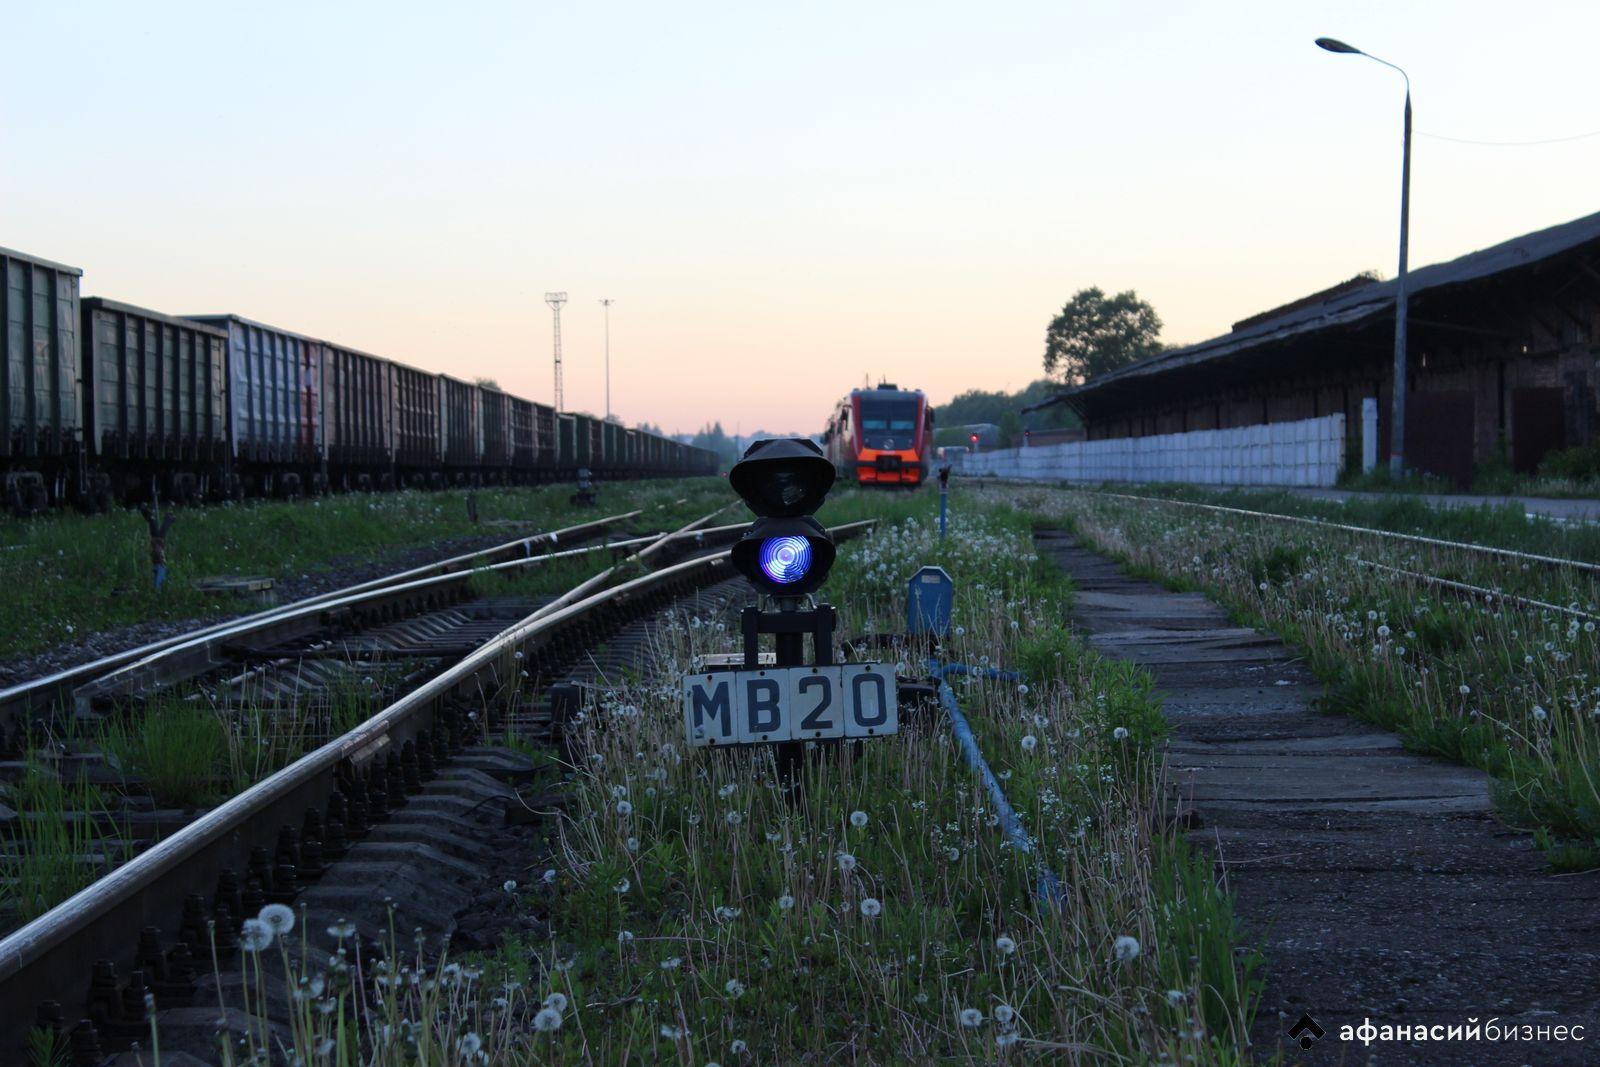 В Тверской области лось погиб на железной дороге после встречи с поездом - новости Афанасий